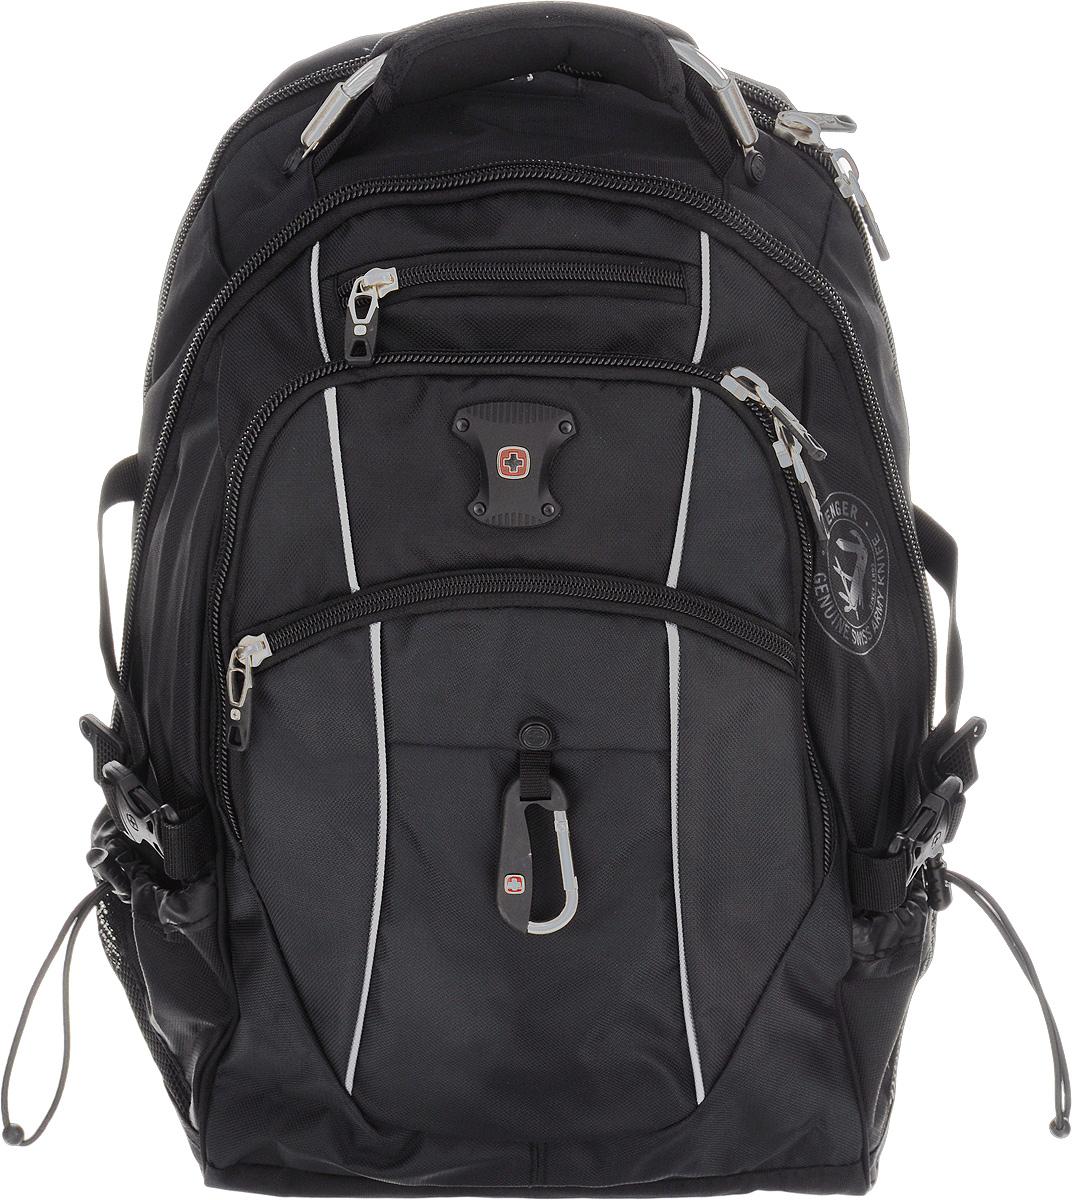 Рюкзак Wenger, цвет: черный, серый, 35 см х 23 см х 48 см, 39 л22-0570 SРюкзак Wenger - это самодостаточный, многофункциональный и надежный спутник своего владельца, как и знаменитый швейцарский нож! Благодаря многофункциональности рюкзака, вы можете легко организовать свои вещи, отправив ключи, мобильный телефон и еще тысячу мелочей. Рюкзаки и сумки Wenger - это прежде всего современные материалы и фурнитура от надежных поставщиков и швейцарский контроль качества, благодаря которому репутация компании была и остается столь высокой. Продуманная конструкция и современные технологии проявляются главным образом в потрясающей надежности рюкзаков и сумок Wenger. А ведь надежность - самое важное качество и в амуниции, и в людях! Особенности рюкзака:Отделение подходит для большинства ноутбуков с диагональю экрана 15 дюймов.Внутренний карман для МР3-плеера с внешним выходом для наушников.Эргономичные плечевые ремни анатомической формы с пропускающей воздух набивной подкладкой для комфортного ношения рюкзака. Система циркуляции воздуха AIRFLOW для обеспечения максимального комфорта и поддержки спины.Эластичная петля на плечевом ремне позволяет хранить и легко извлекать солнцезащитные очки.Карман из эластичной растягивающейся сетки на плечевом ремне подходит для безопасного хранения большинства мобильных устройств. Удобное расположение обеспечивает быстрый доступ к телефону.Внешние карманы из эластичной сетки подходят для хранения бутылок любого размера.Внутренний карман-органайзер включает в себя съемную ключницу и многочисленные раздельные кармашки для пишущих принадлежностей, мобильного телефона и компакт-дисков.По всем вопросам гарантийного и постгарантийного обслуживания рюкзаков, чемоданов, спортивных и кожаных сумок, а также портмоне марок Wenger и SwissGear вы можете обратиться в сервис-центр, расположенный по адресу: г. Москва, Саввинская набережная, д.3. Тел: (495) 788-39-96, (499) 248-56-56, ежедневно с 9:00 до 21:00. Подробные условия гарантийного обслуживания при